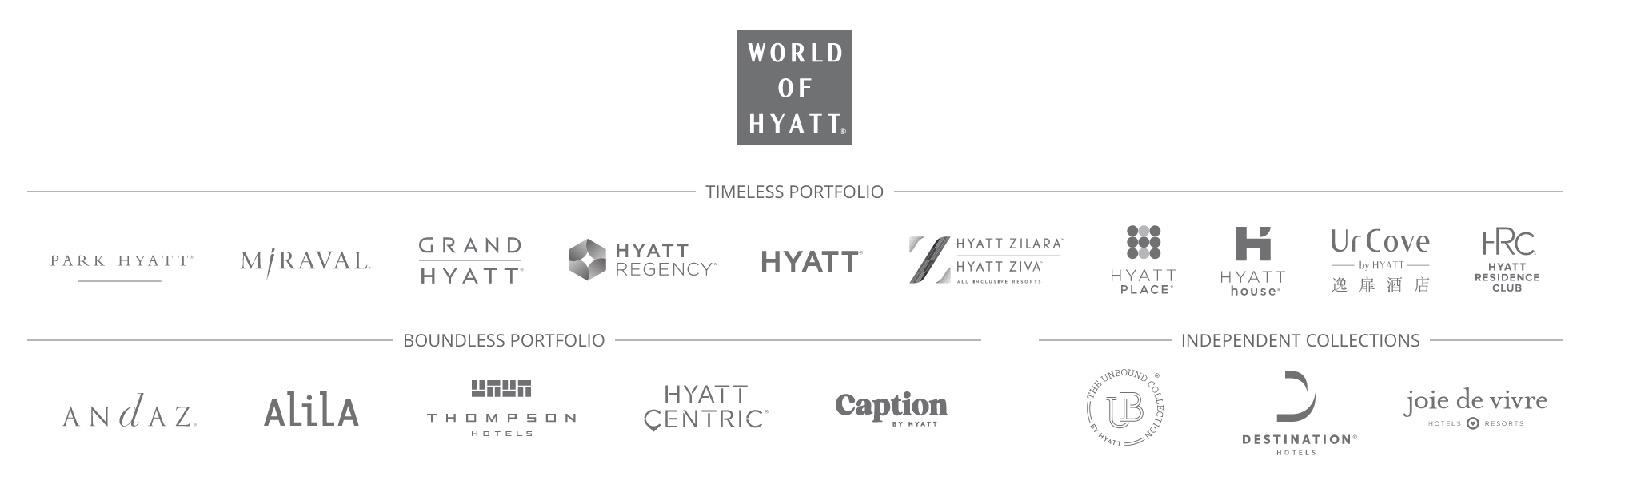 ワールドオブハイアット(World of Hyatt)に参加のブランド構成